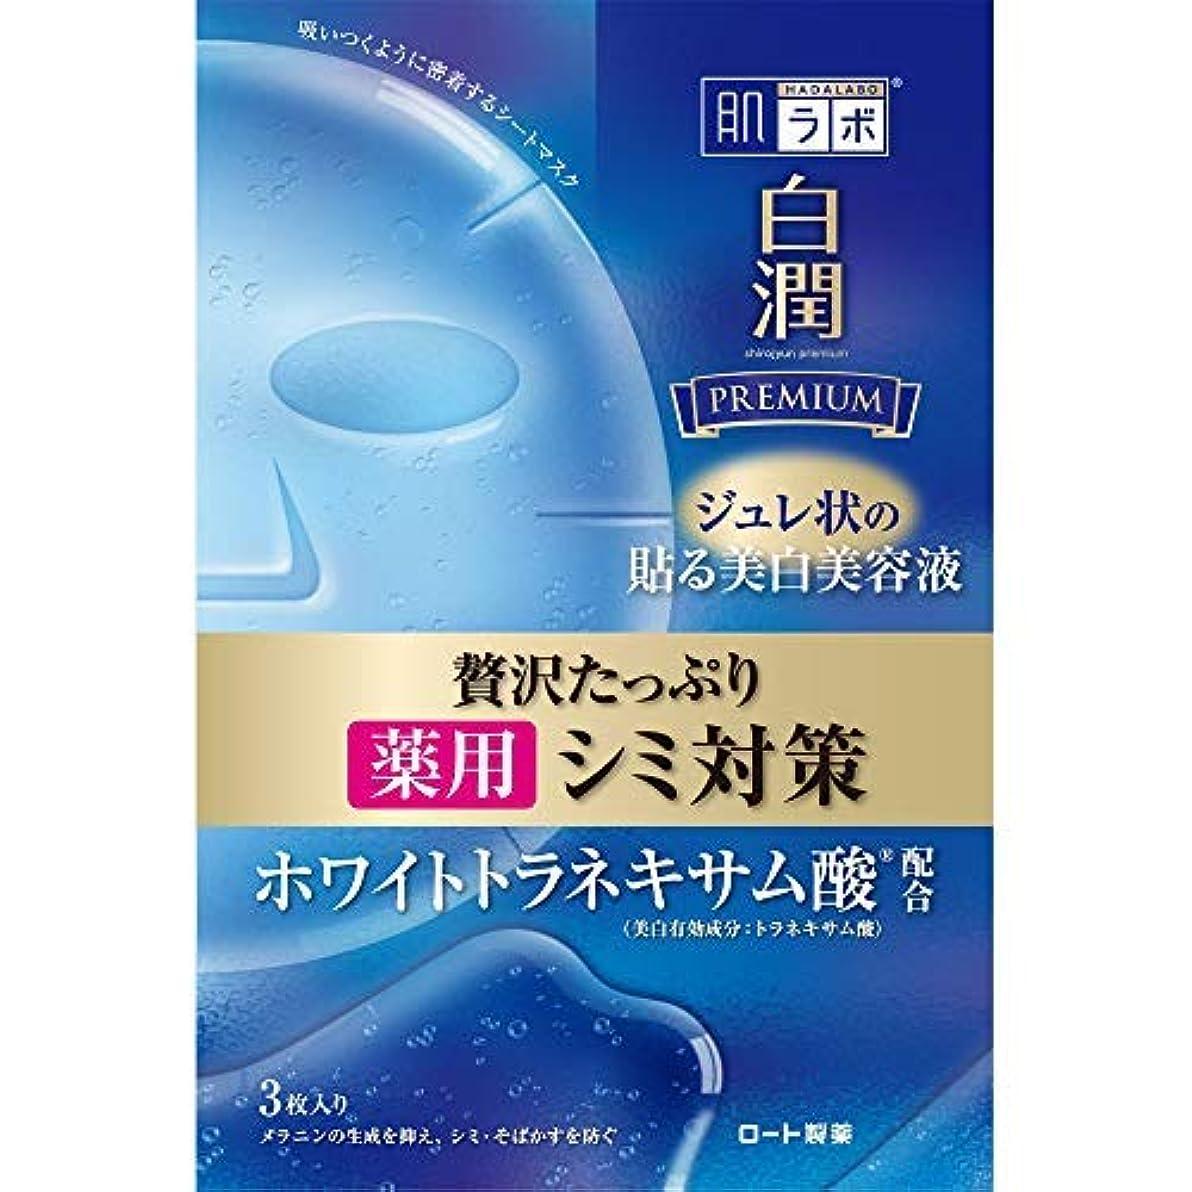 エレガント誇張する二肌ラボ 白潤プレミアム 薬用浸透美白ジュレマスク × 3個セット